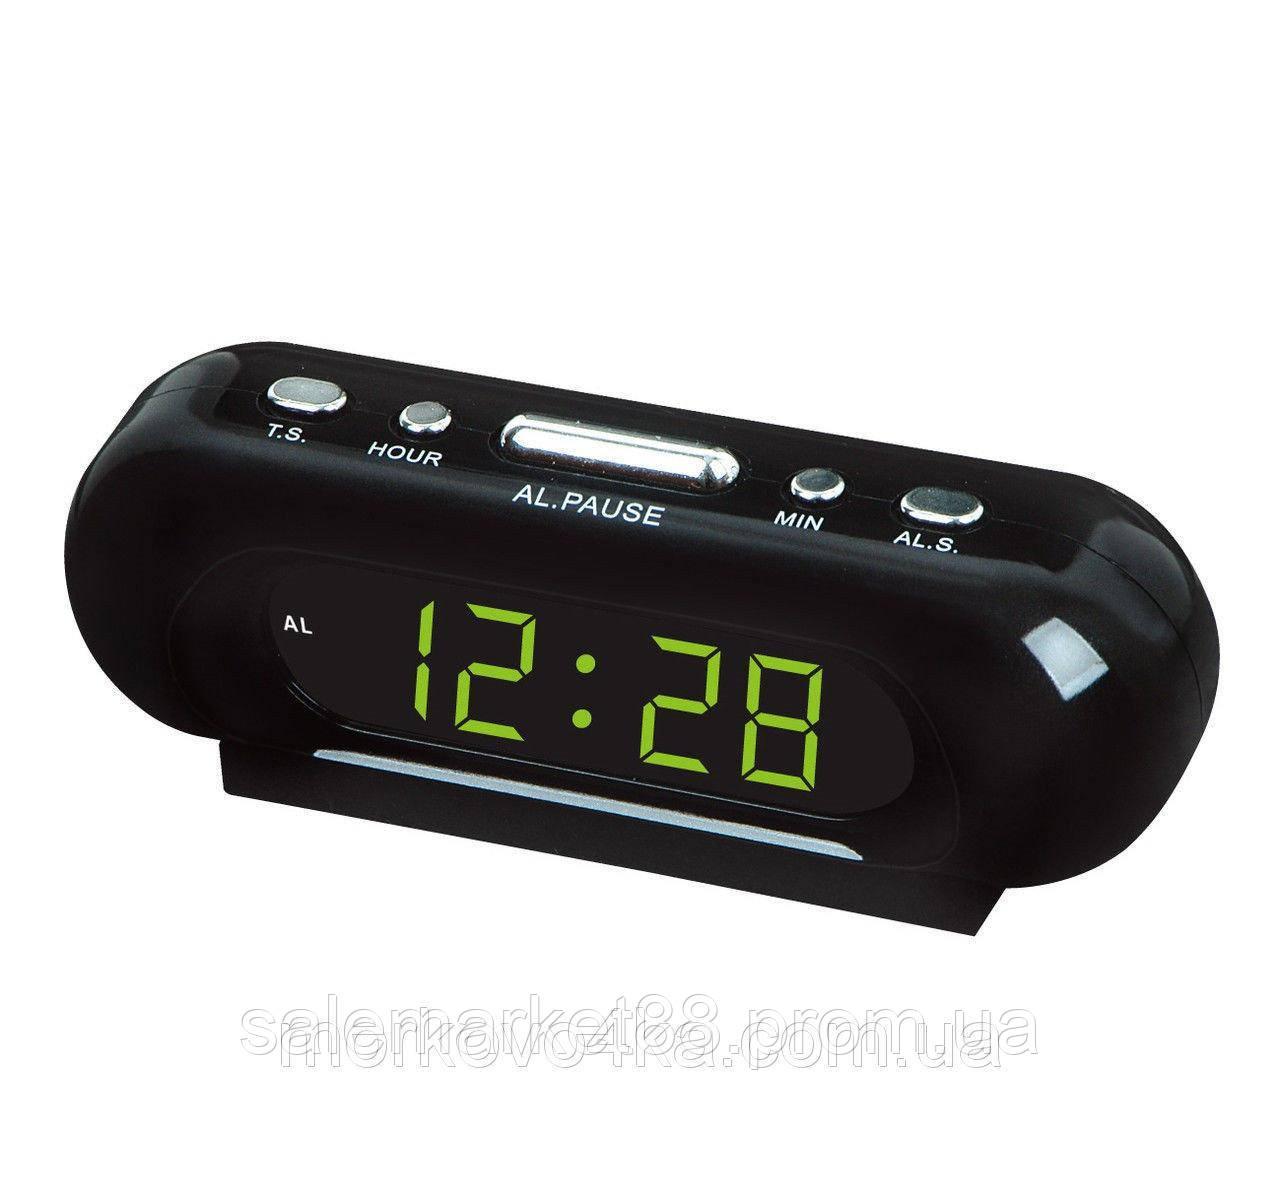 Часы VST-716-2 настольные 220В будильник Черный корпус Светло зеленые цифры